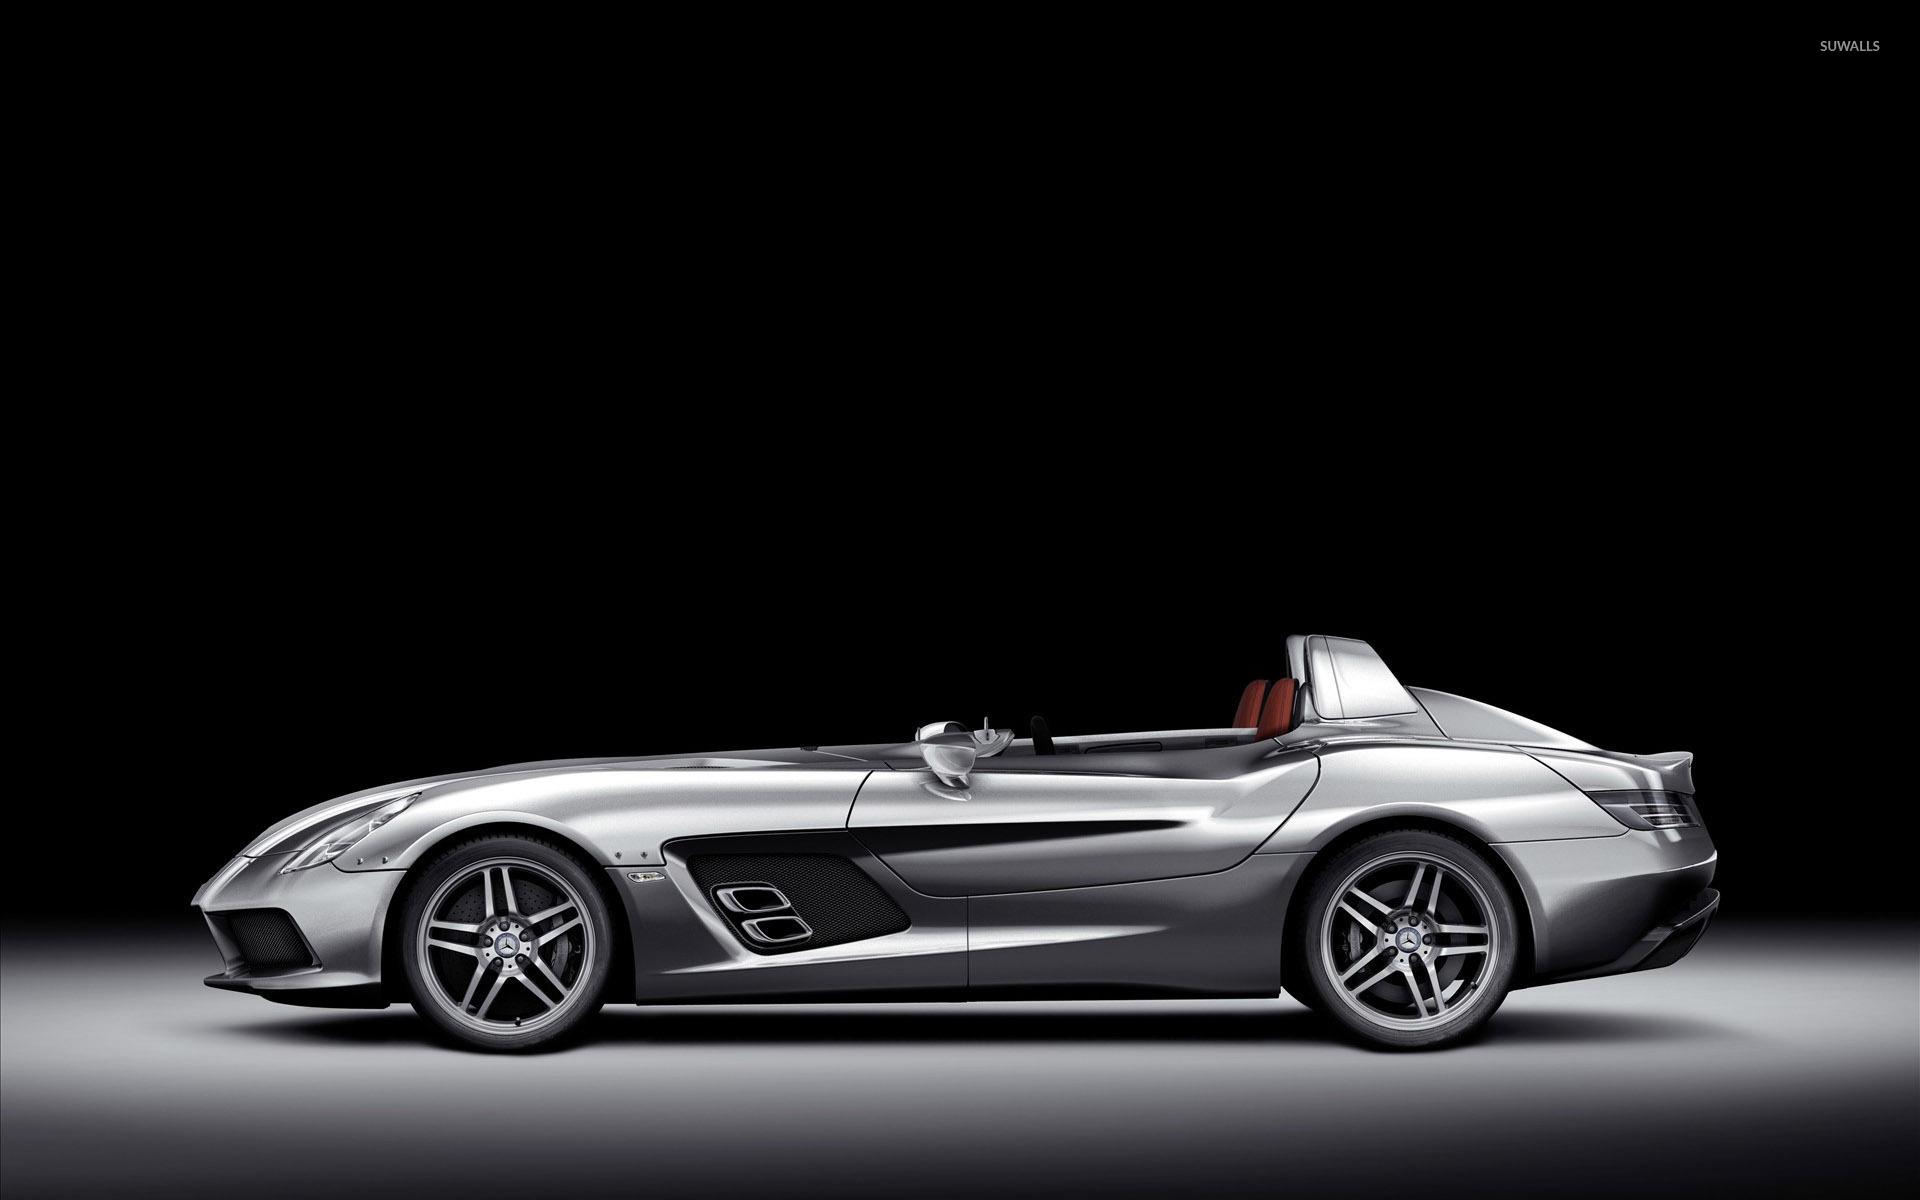 Side view of a silver mercedes benz slr mclaren wallpaper for Mercedes benz mclaren slr